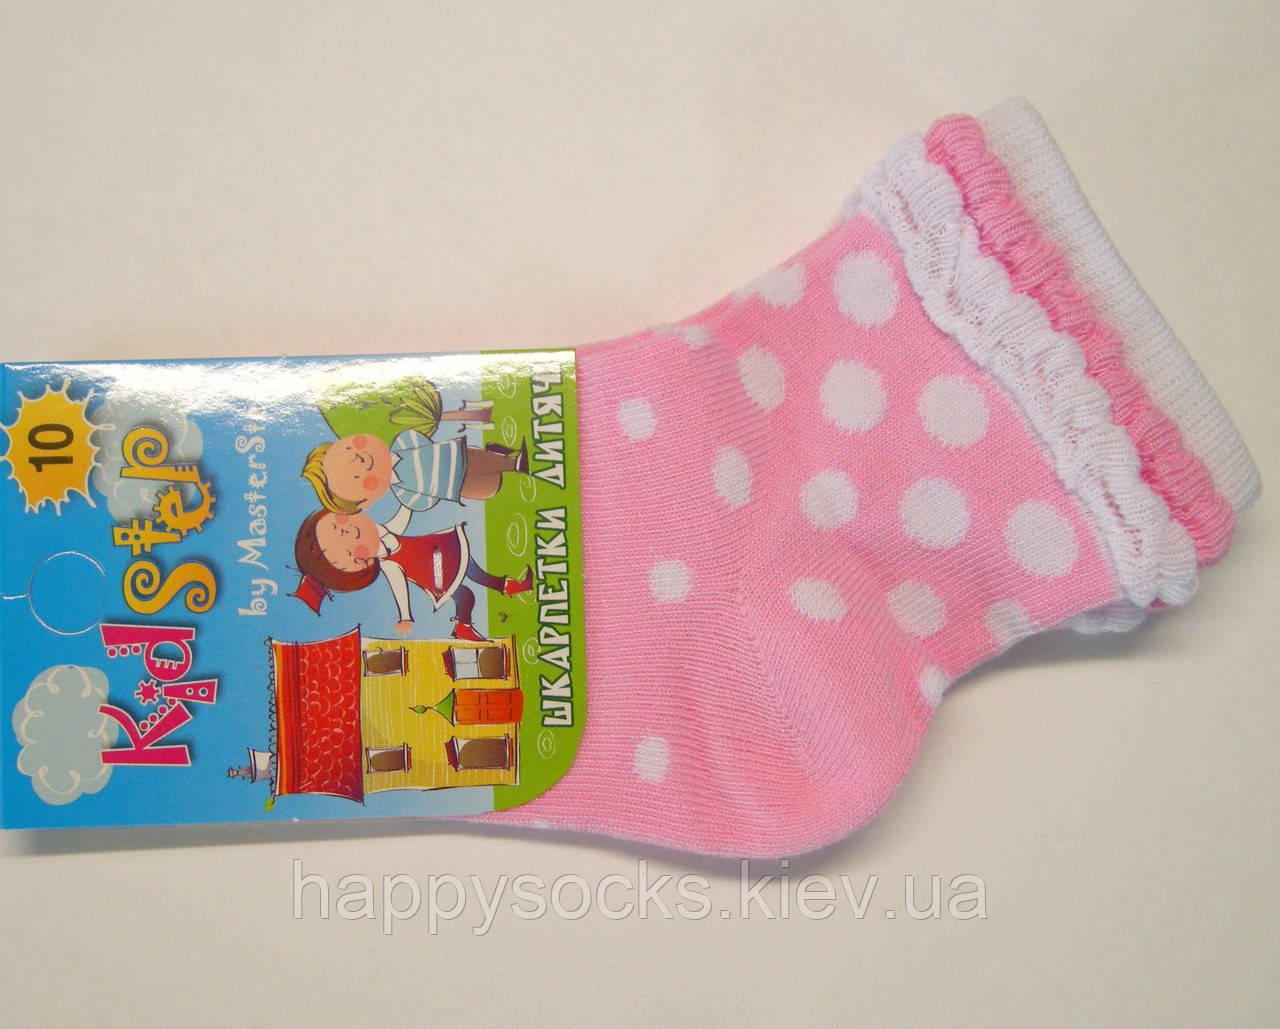 Носки для новорожденных розового цвета в белый горошек